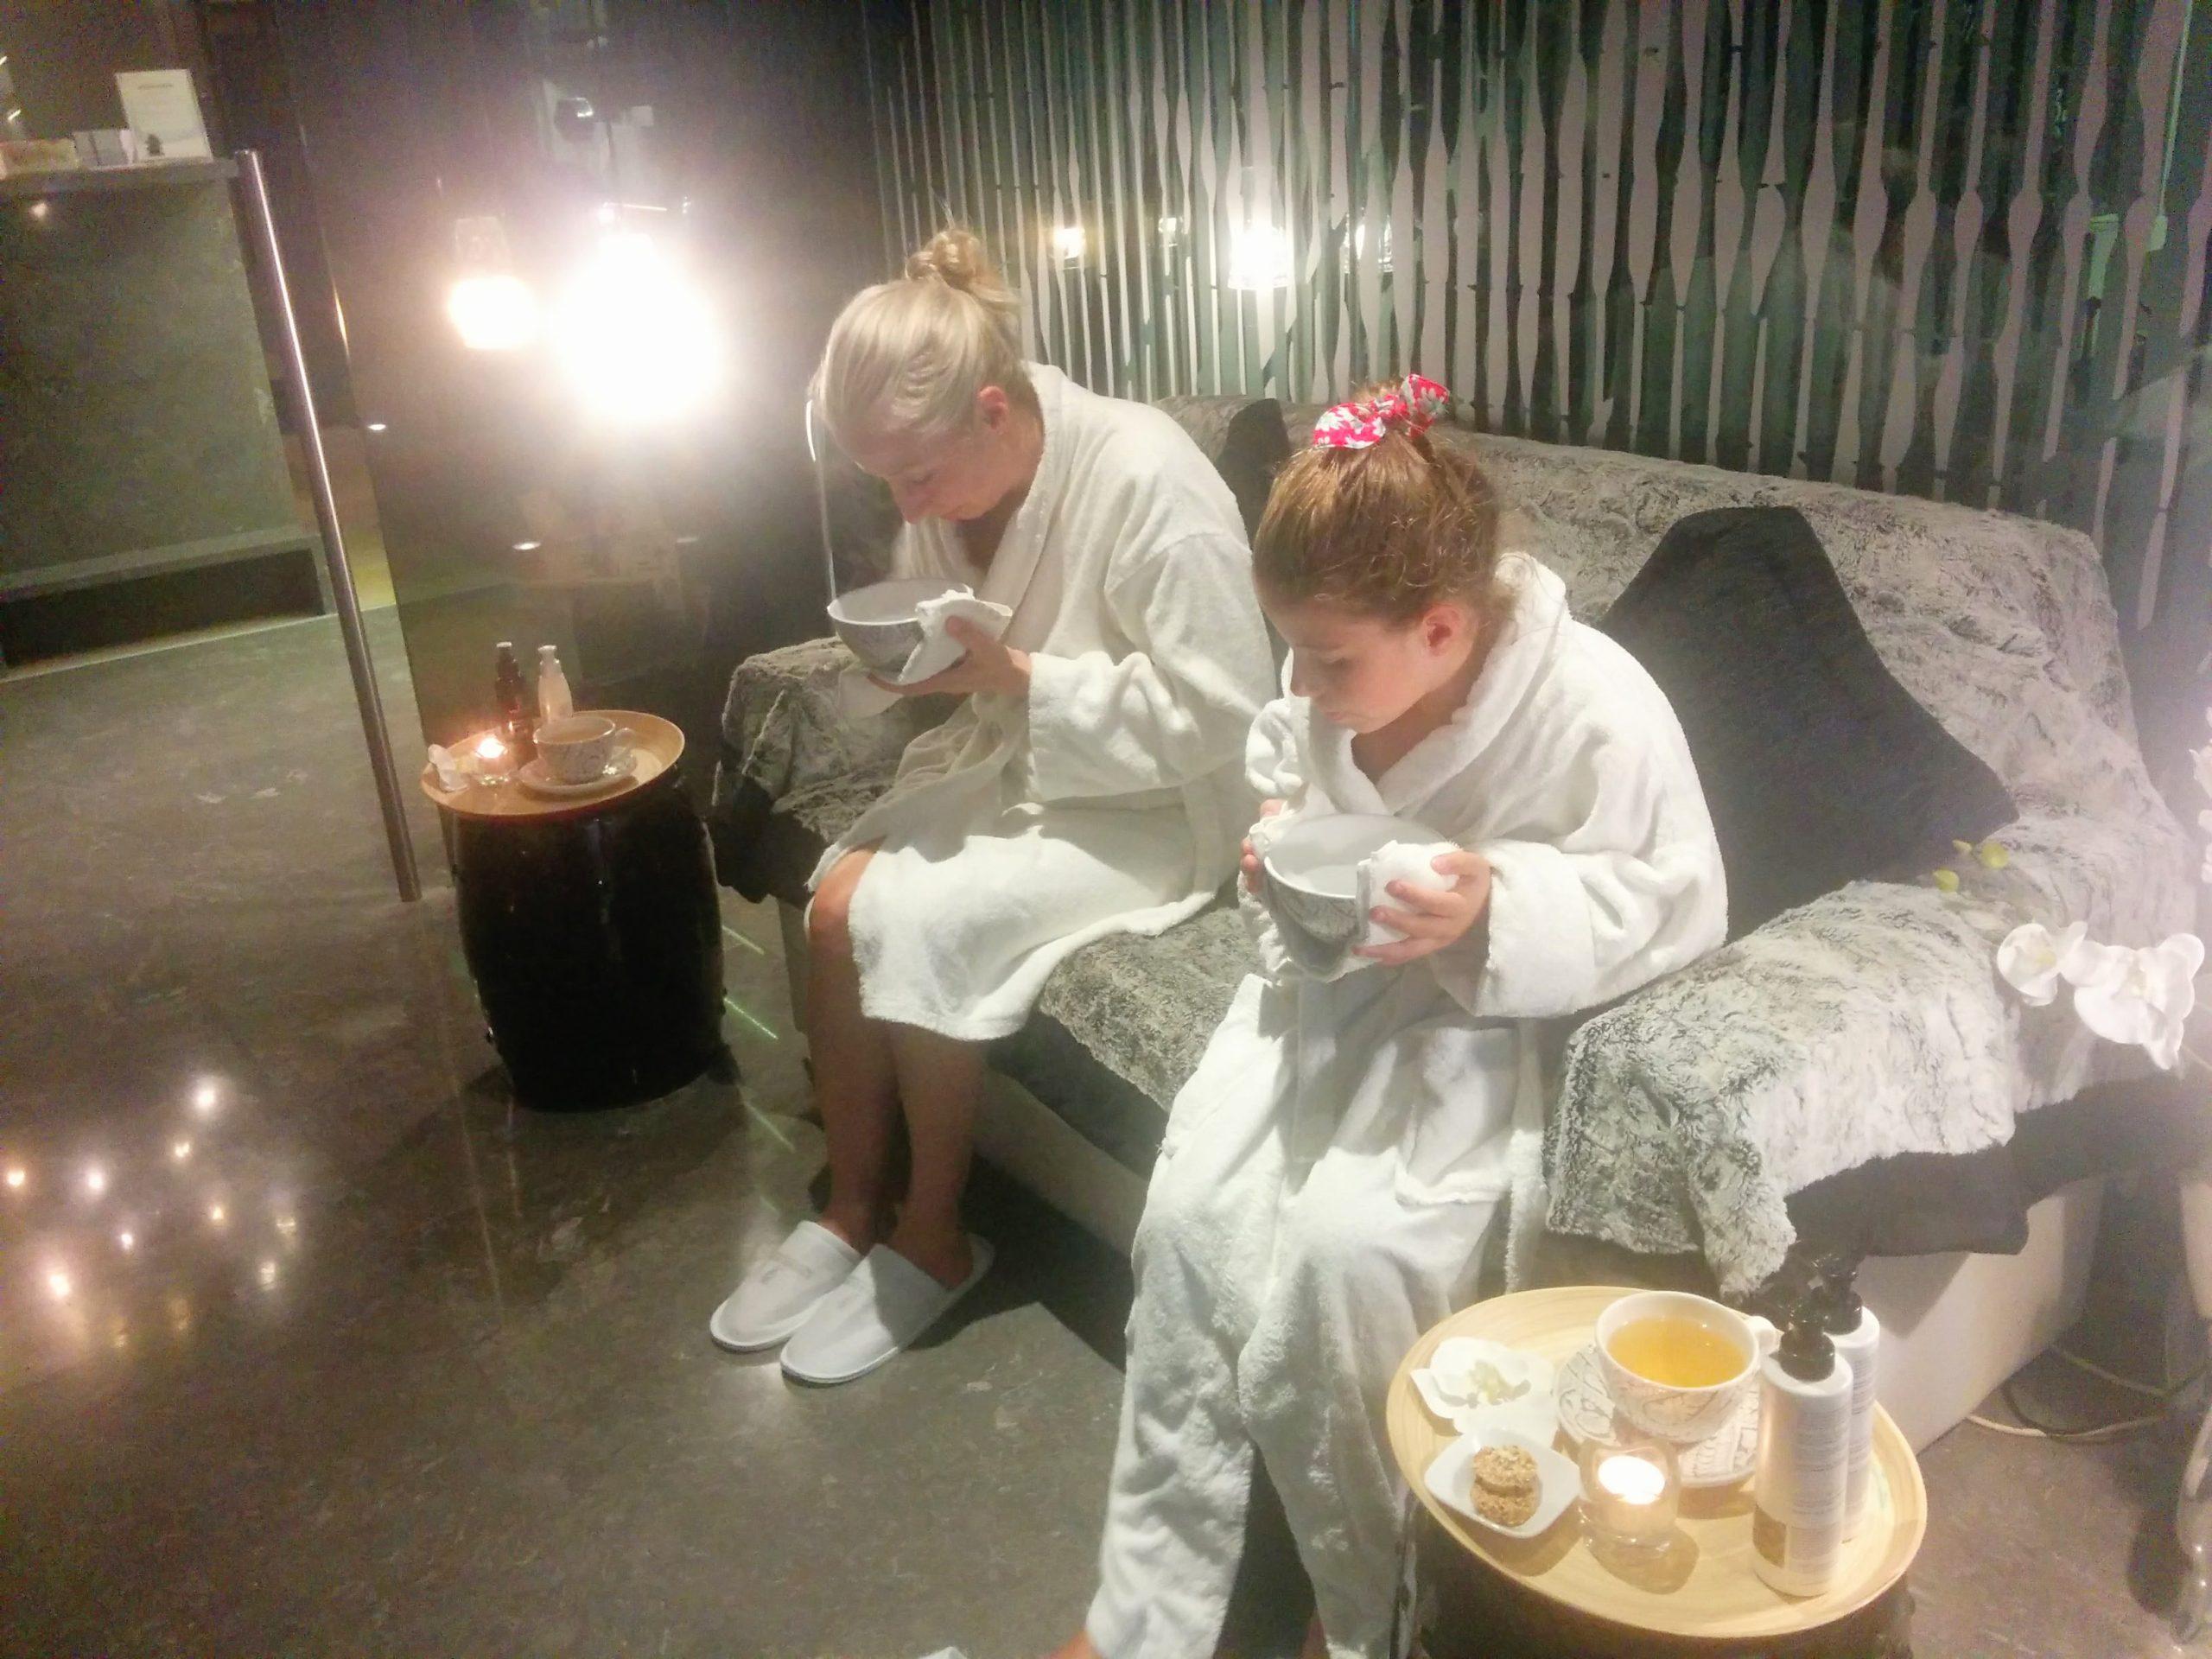 family spa and wellness ©familyexperiencesblog.com